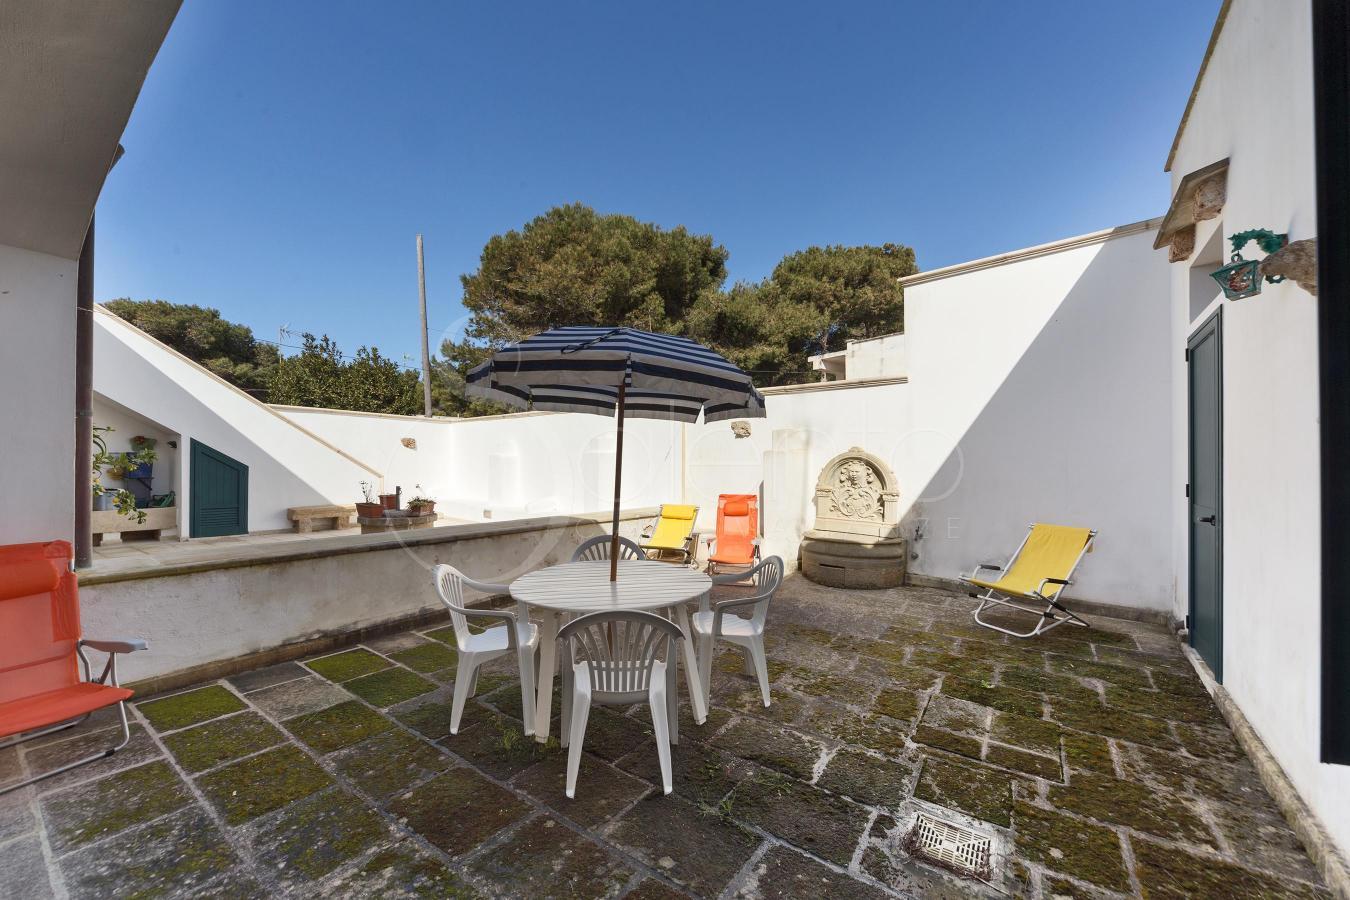 Casa sul mare per vacanze nel salento a torre suda vicino - Bagno coi delfini ...